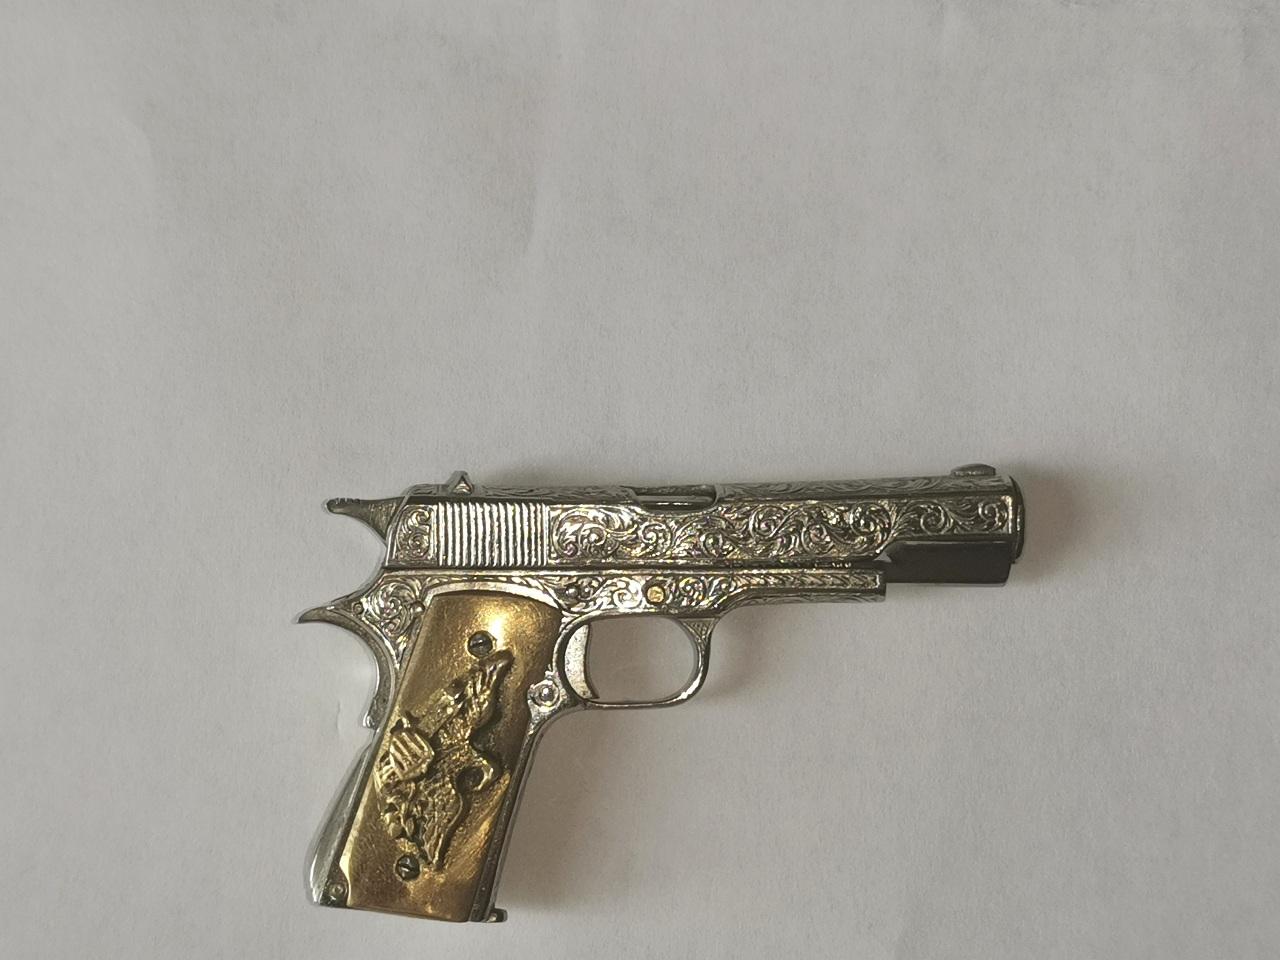 Colt 1911 engraved ����������� 0